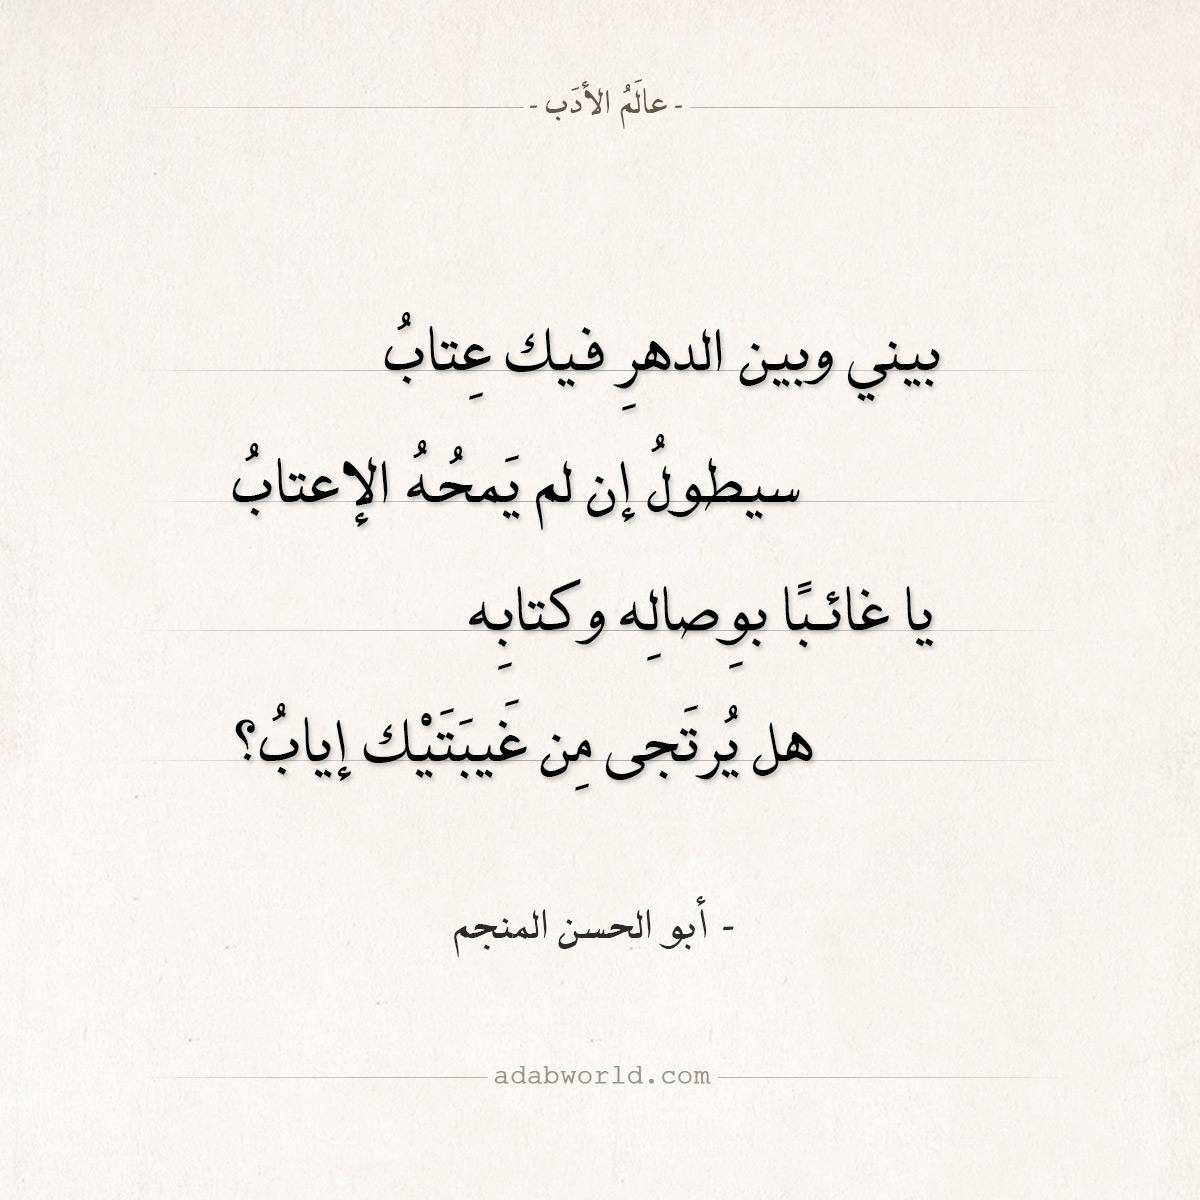 شعر أبو الحسن المنجم - بيني وبين الدهر فيك عتاب